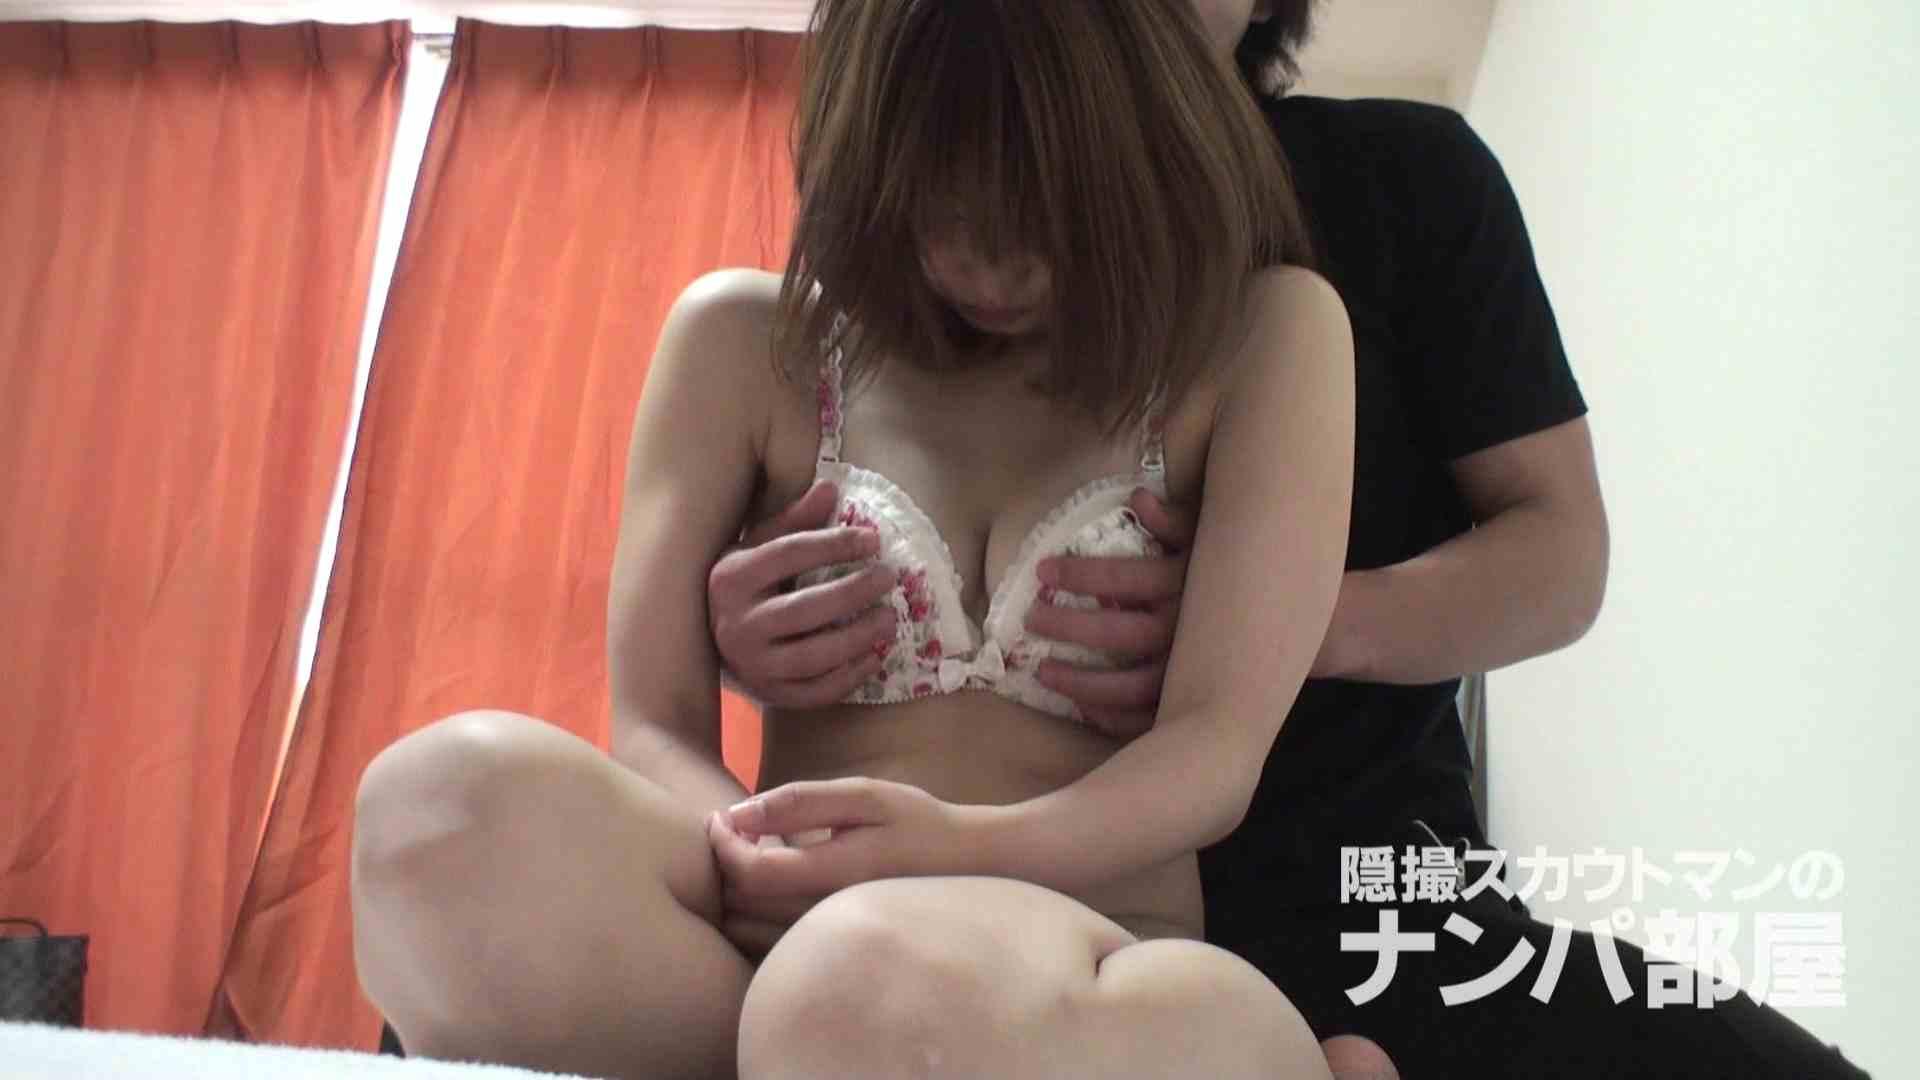 隠撮スカウトマンのナンパ部屋~風俗デビュー前のつまみ食い~ siivol.2 ナンパ AV無料 81PIX 53